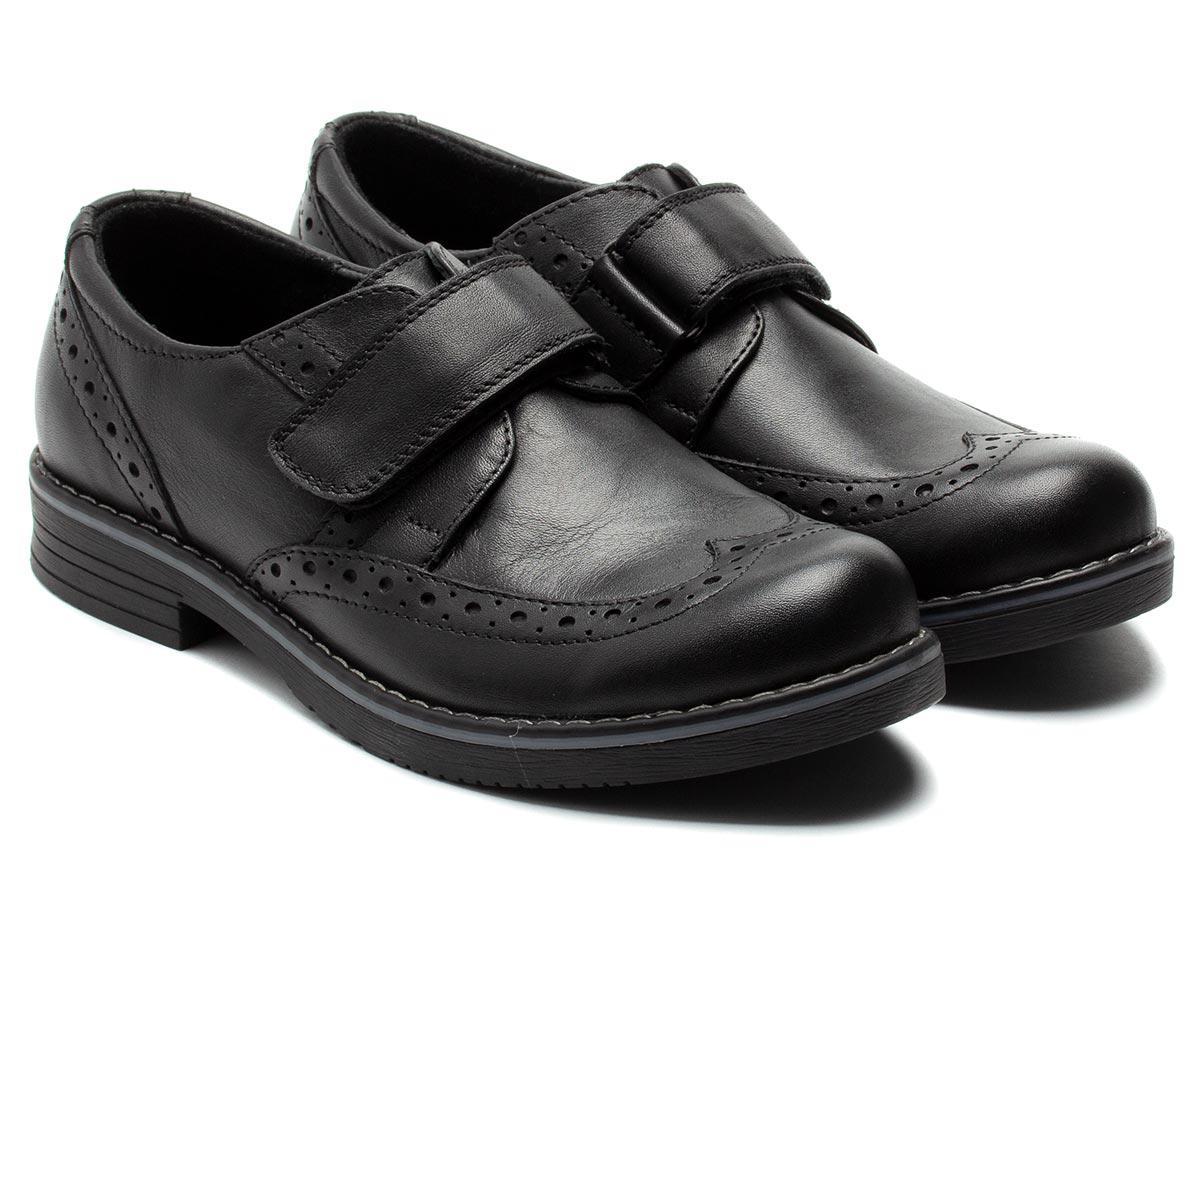 Туфли FS Сollection кожаные для мальчика, размер 32